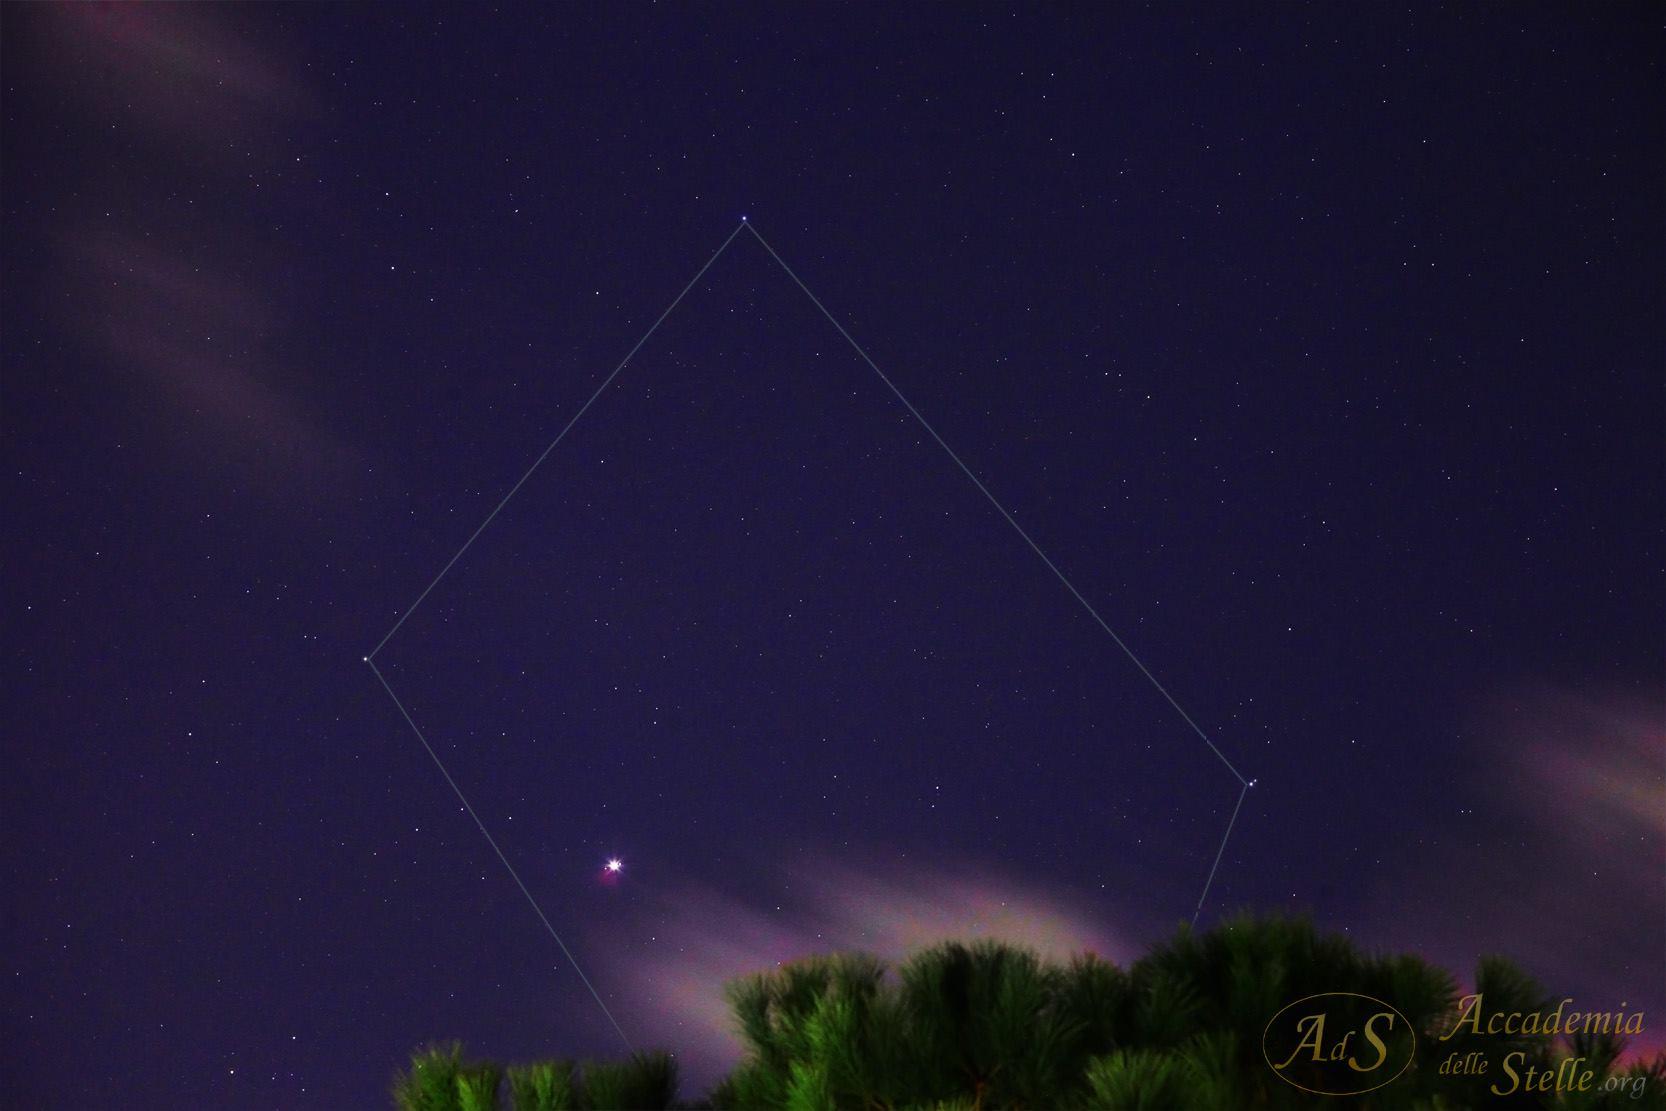 """Giove splende luminosissimo tra le nubi nel cielo di Roma come si vede in questa foto di Paolo Colona. Sull'immagine sono riportate le linee della costellazione della Bilancia, nella quale sta transitando Giove. Le stelle evidenzaite sono (da sx a dx): Gamma Librae, Beta Librae (Zubeneschamali) e Alfa Librae (Zubenelgenubi). Fuori dal campo, invisibile, Sigma Librae. Le due """"stelline"""" che si vedono vicinissime a Giove sono Callisto a sinistra e Ganimede quasi attaccato a destra. Sei secondi di posa a focale di 104 mm, f/63, 6400 ISO."""